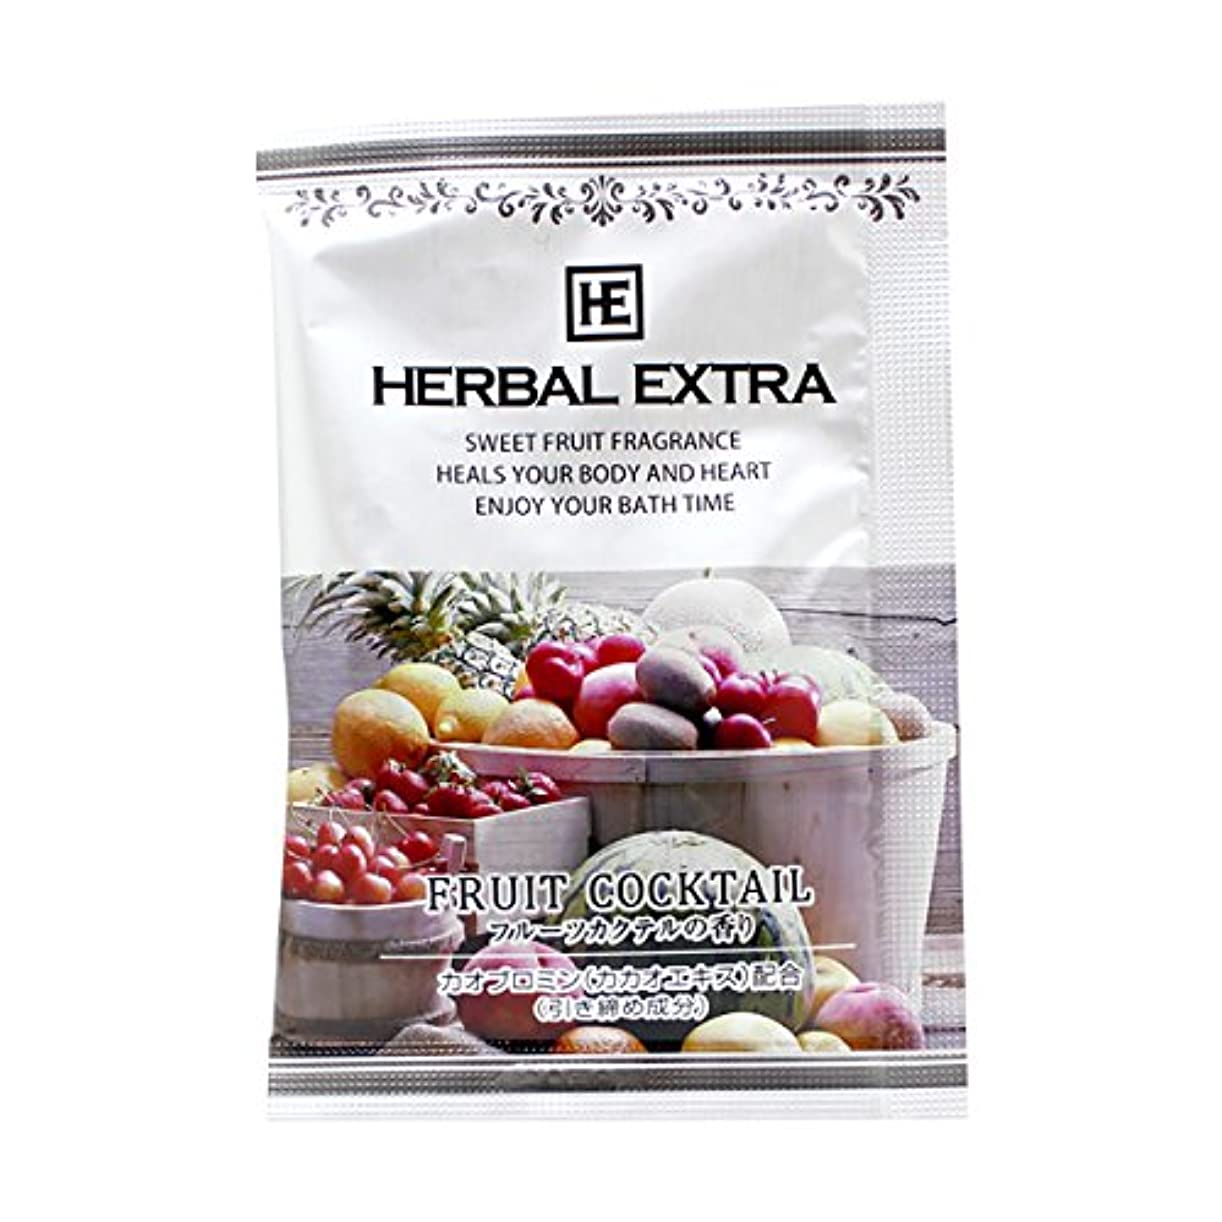 ルビー闇騒乱入浴剤 ハーバルエクストラ「フルーツカクテルの香り」30個